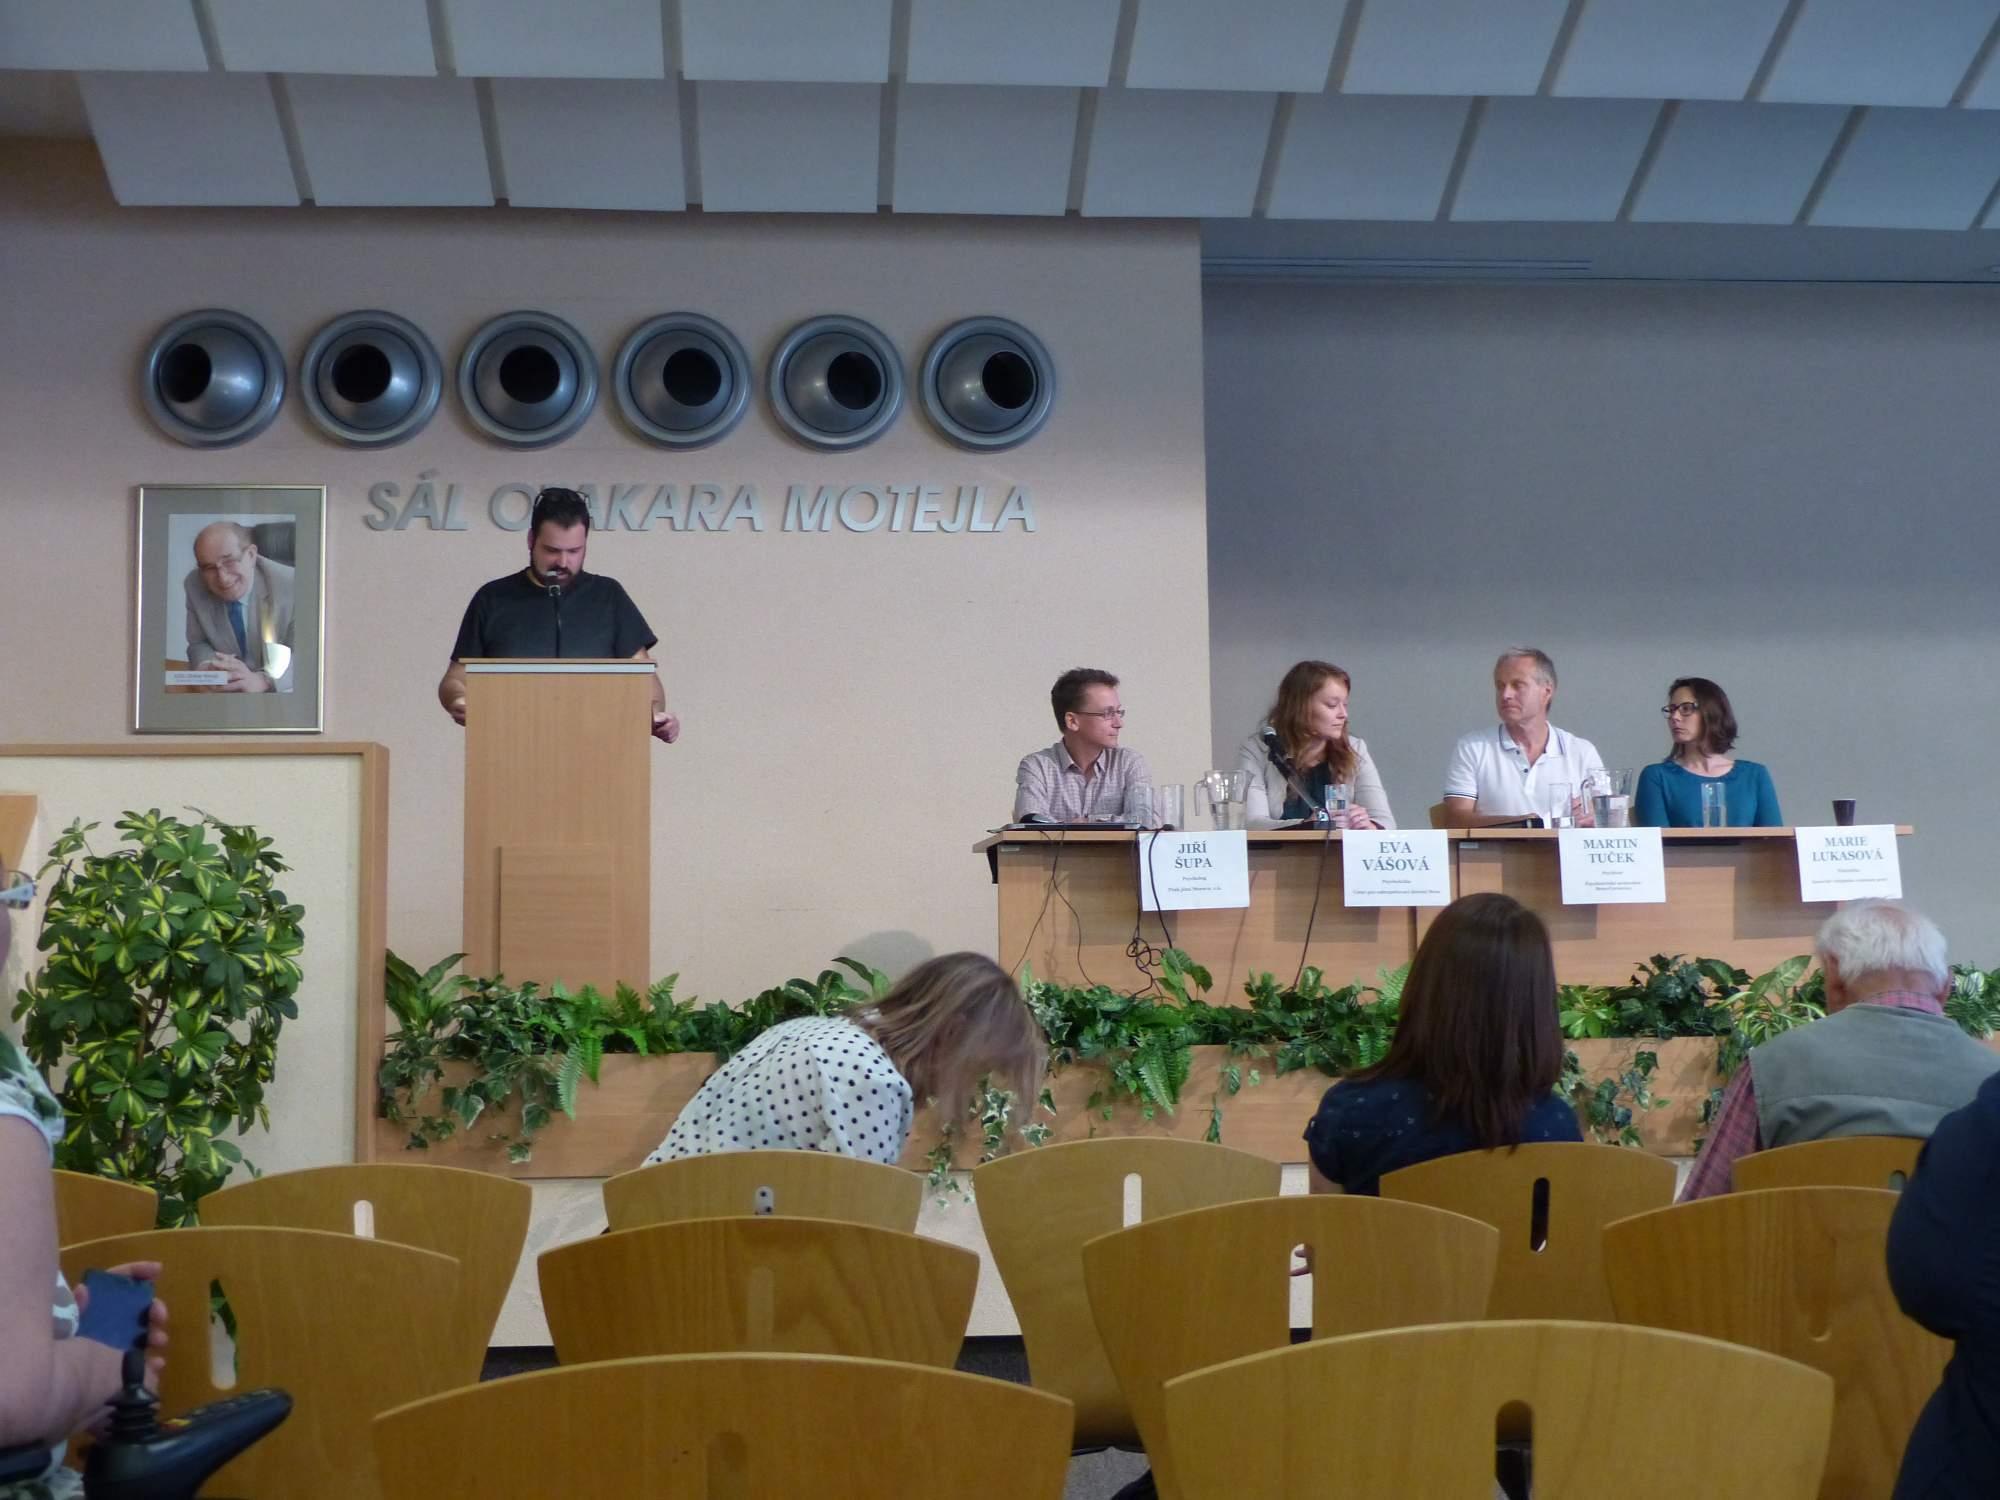 Sestava diskutujících. Foto: Tereza Kučerová